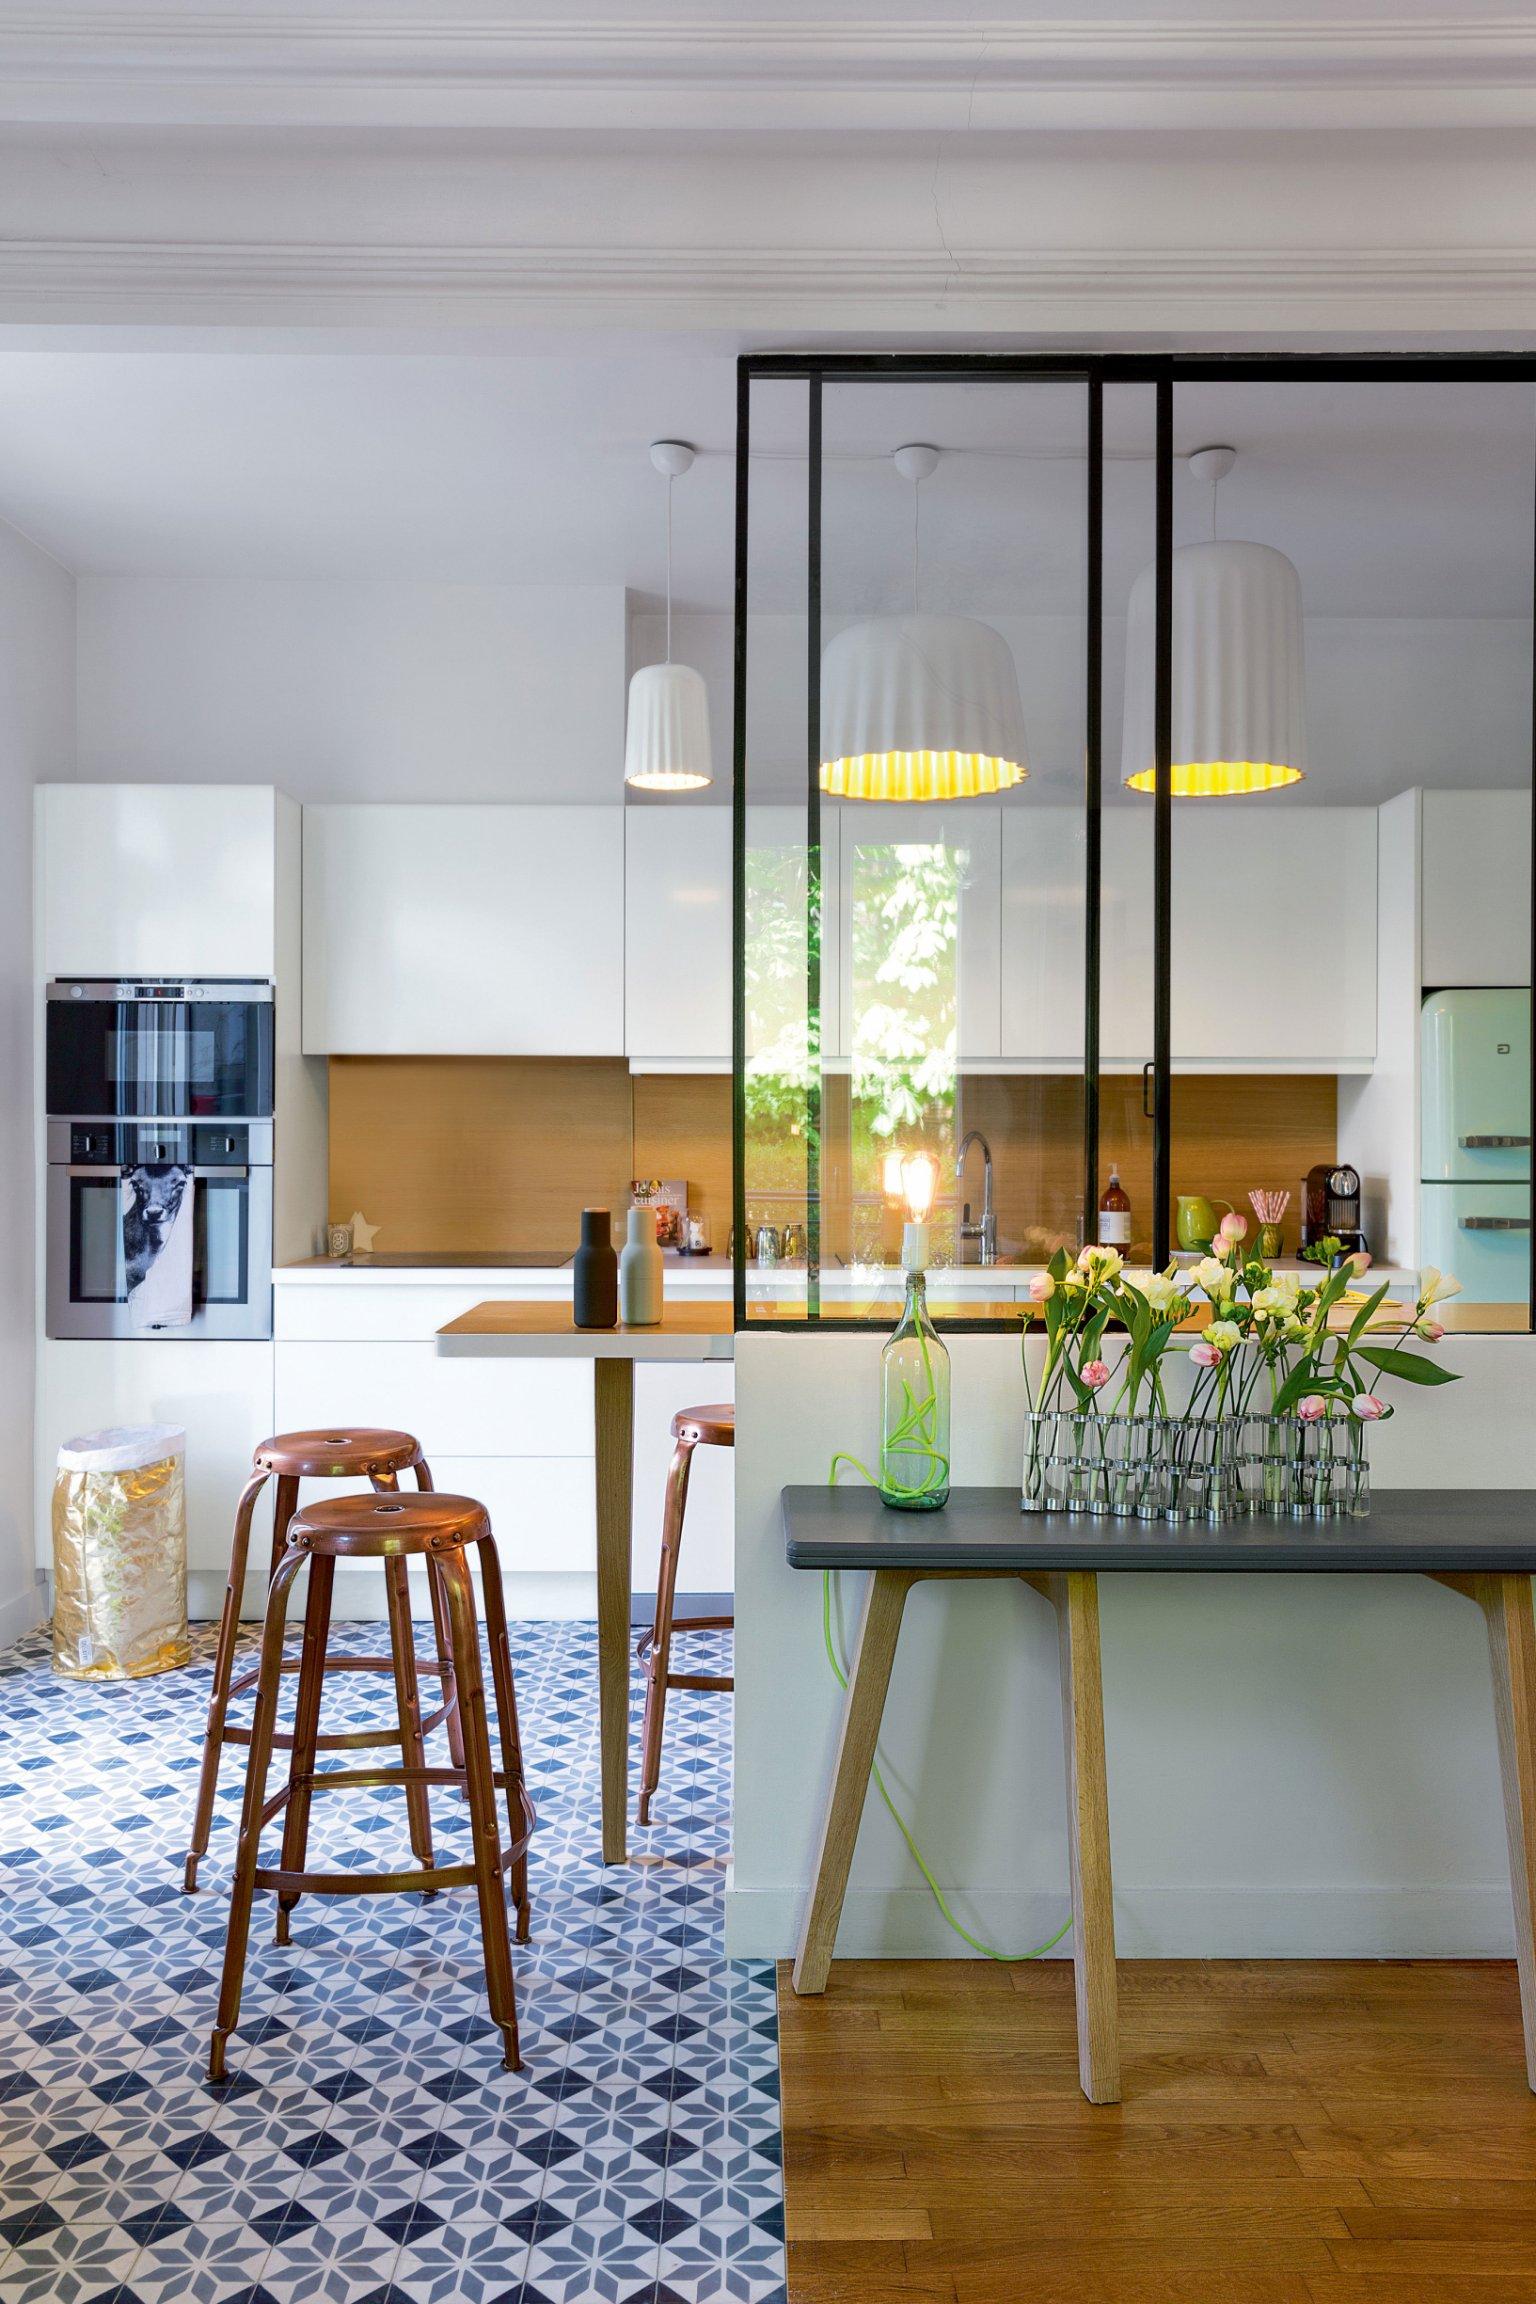 Sceaux maison de famille m well studio - Cuisine maison de famille ...